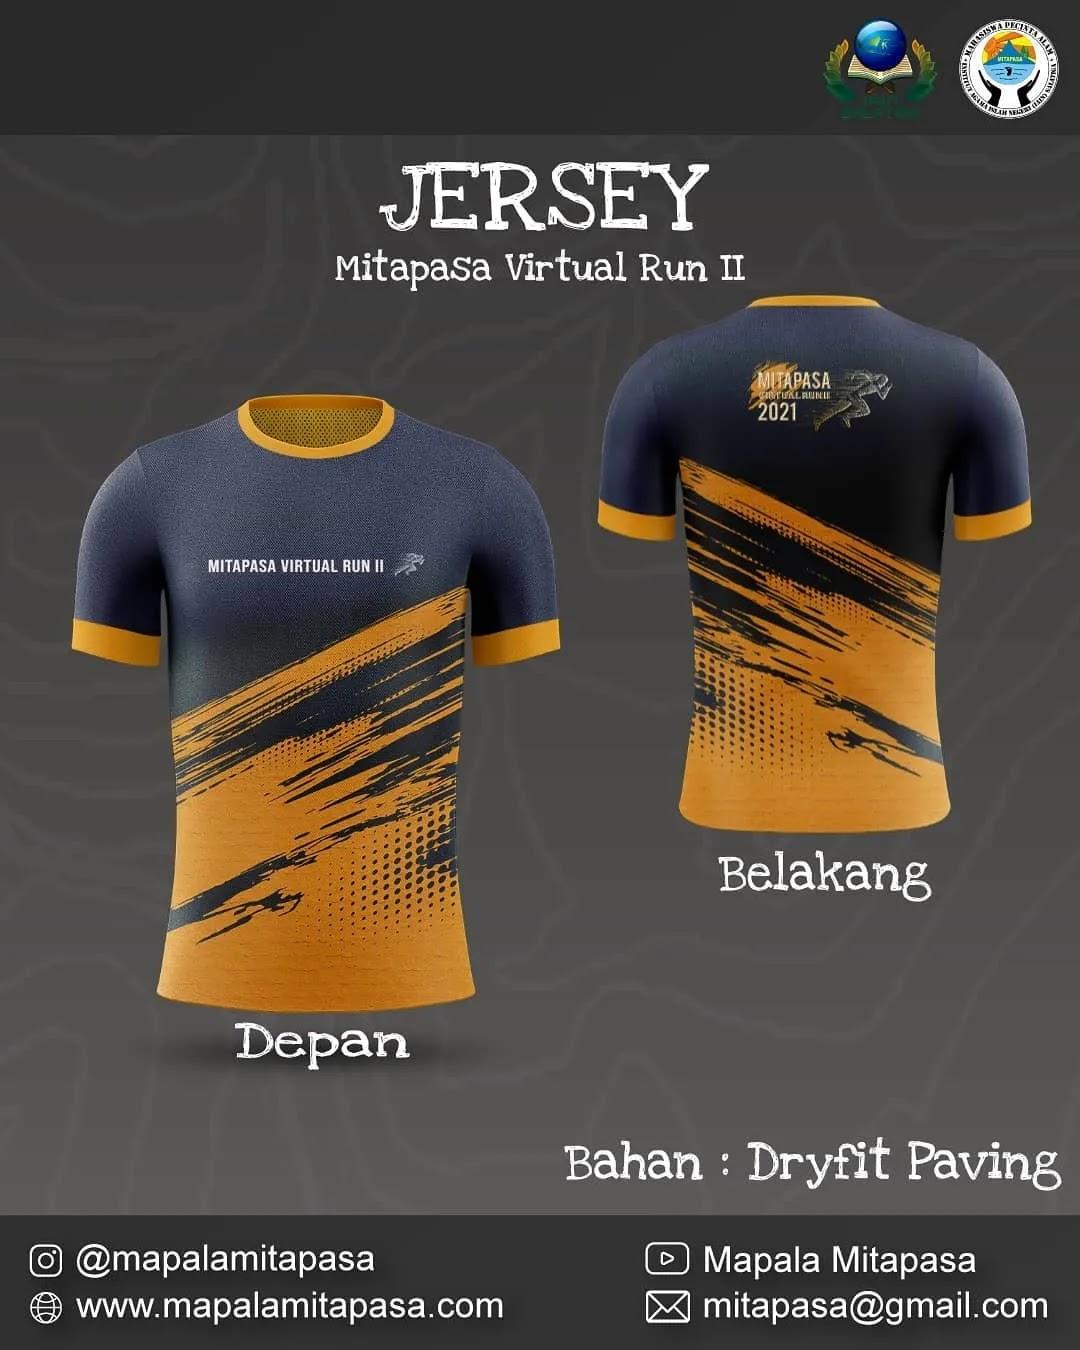 Jersey 👕 Mitapasa Virtual Run II • 2021